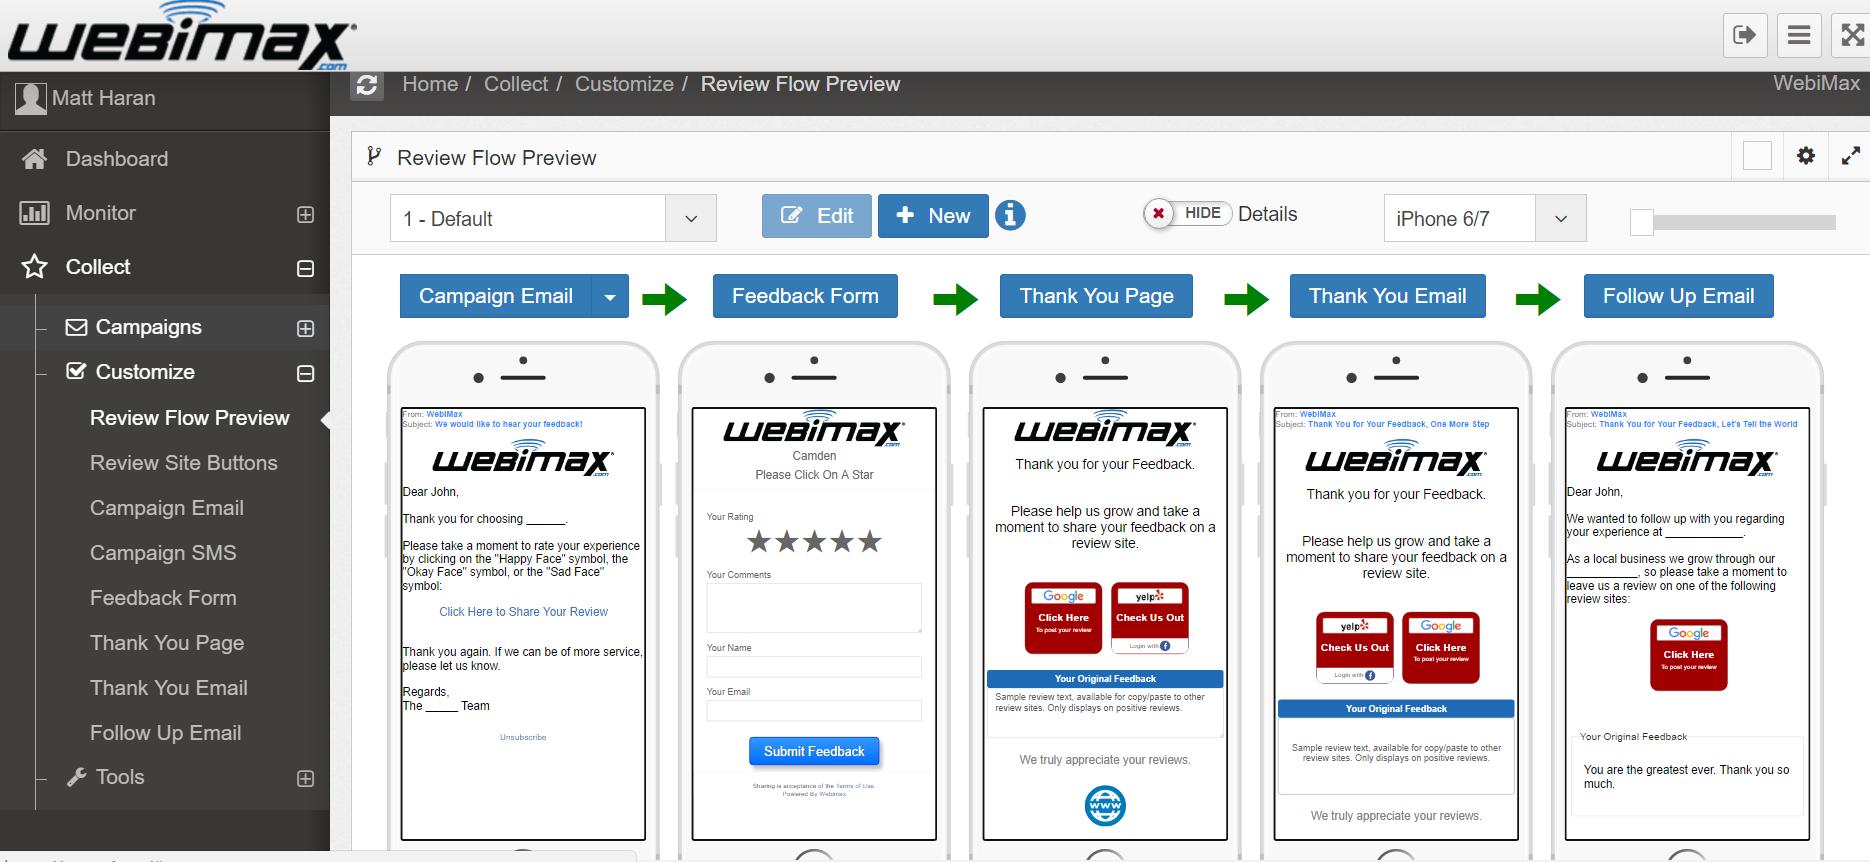 WebiMax Demo - screenshot-3.png